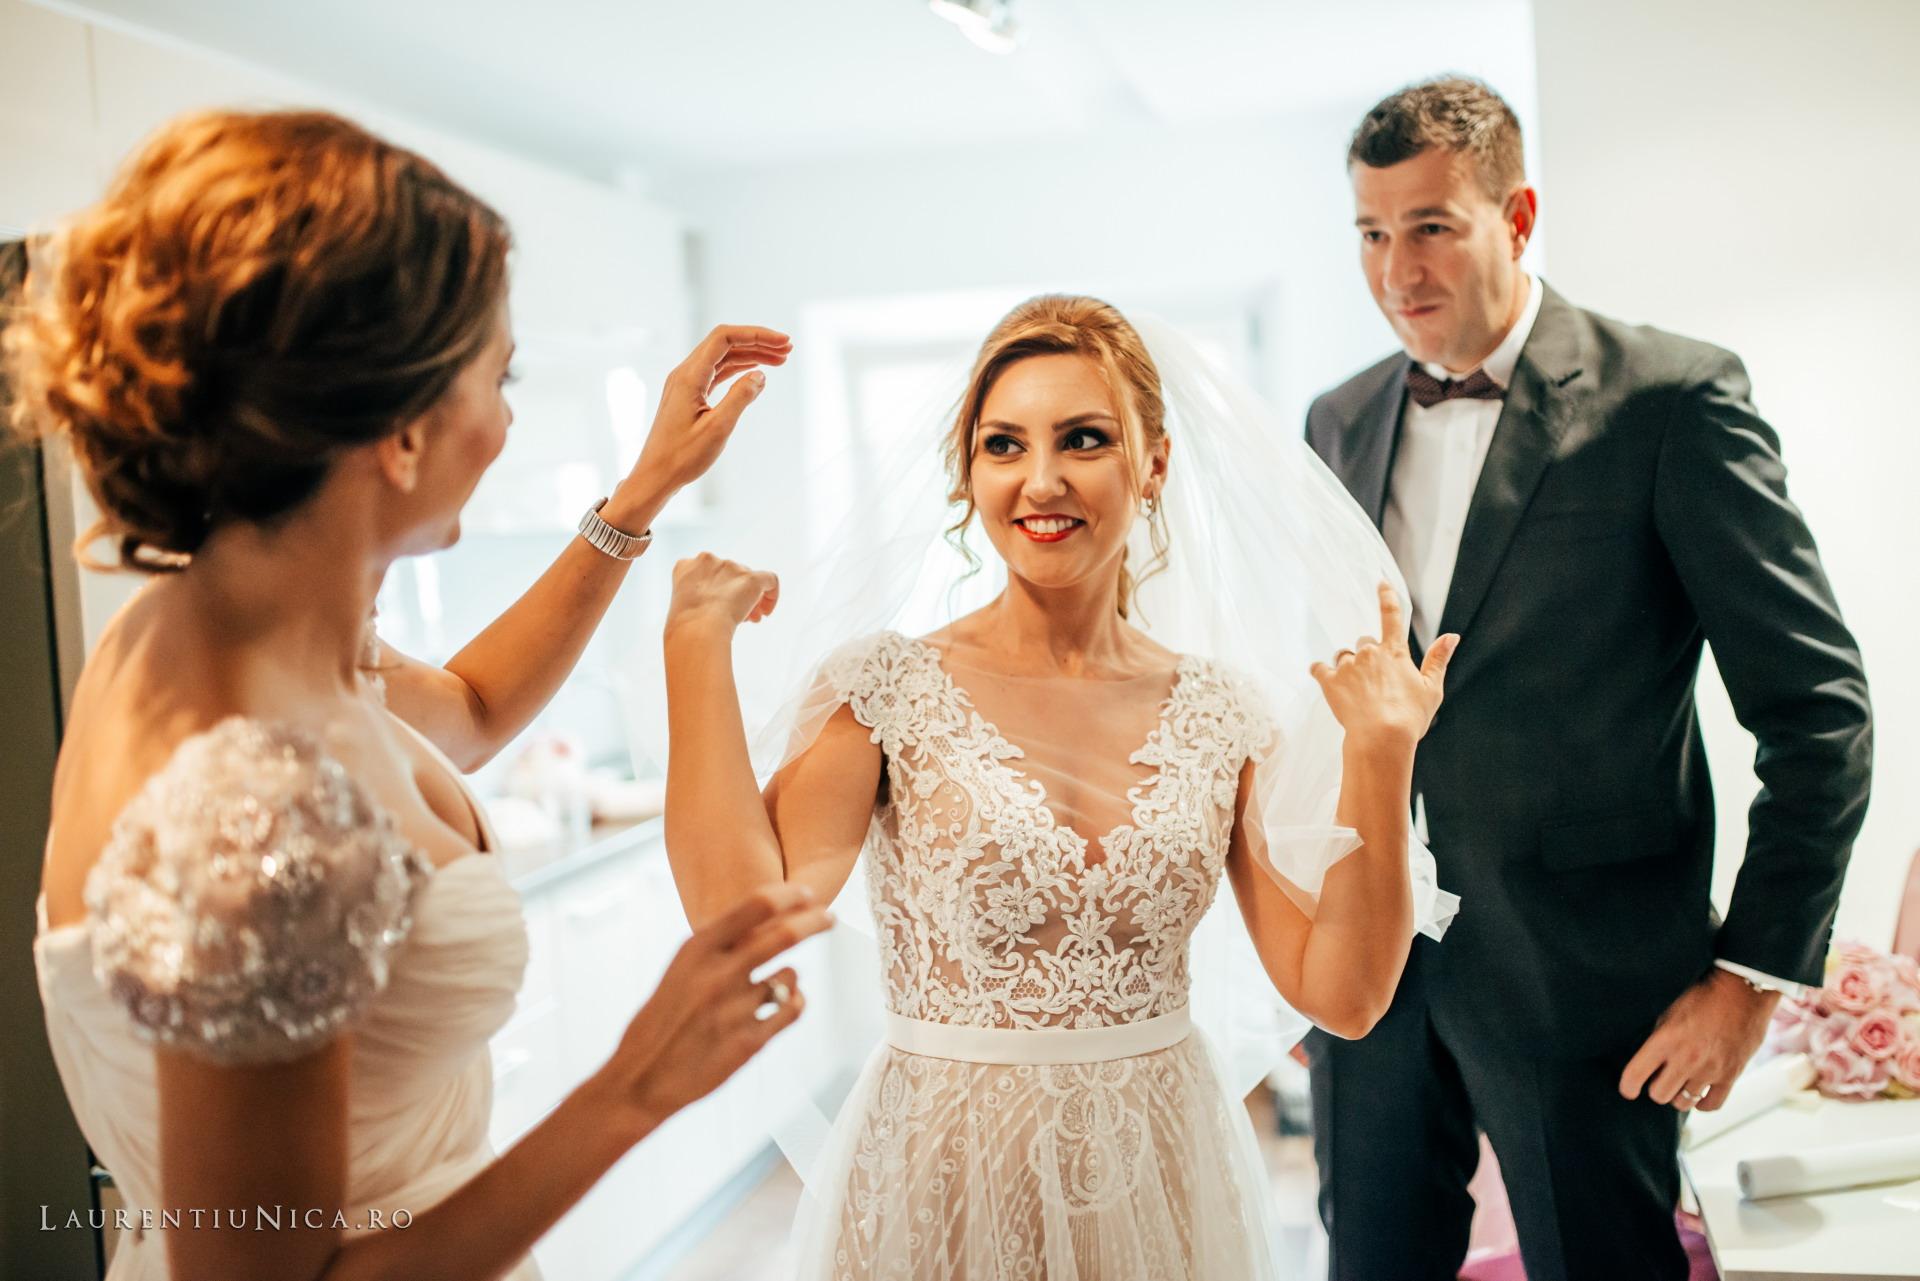 carolina si sorin craiova fotograf nunta laurentiu nica22 - Carolina & Sorin | Fotografii nunta